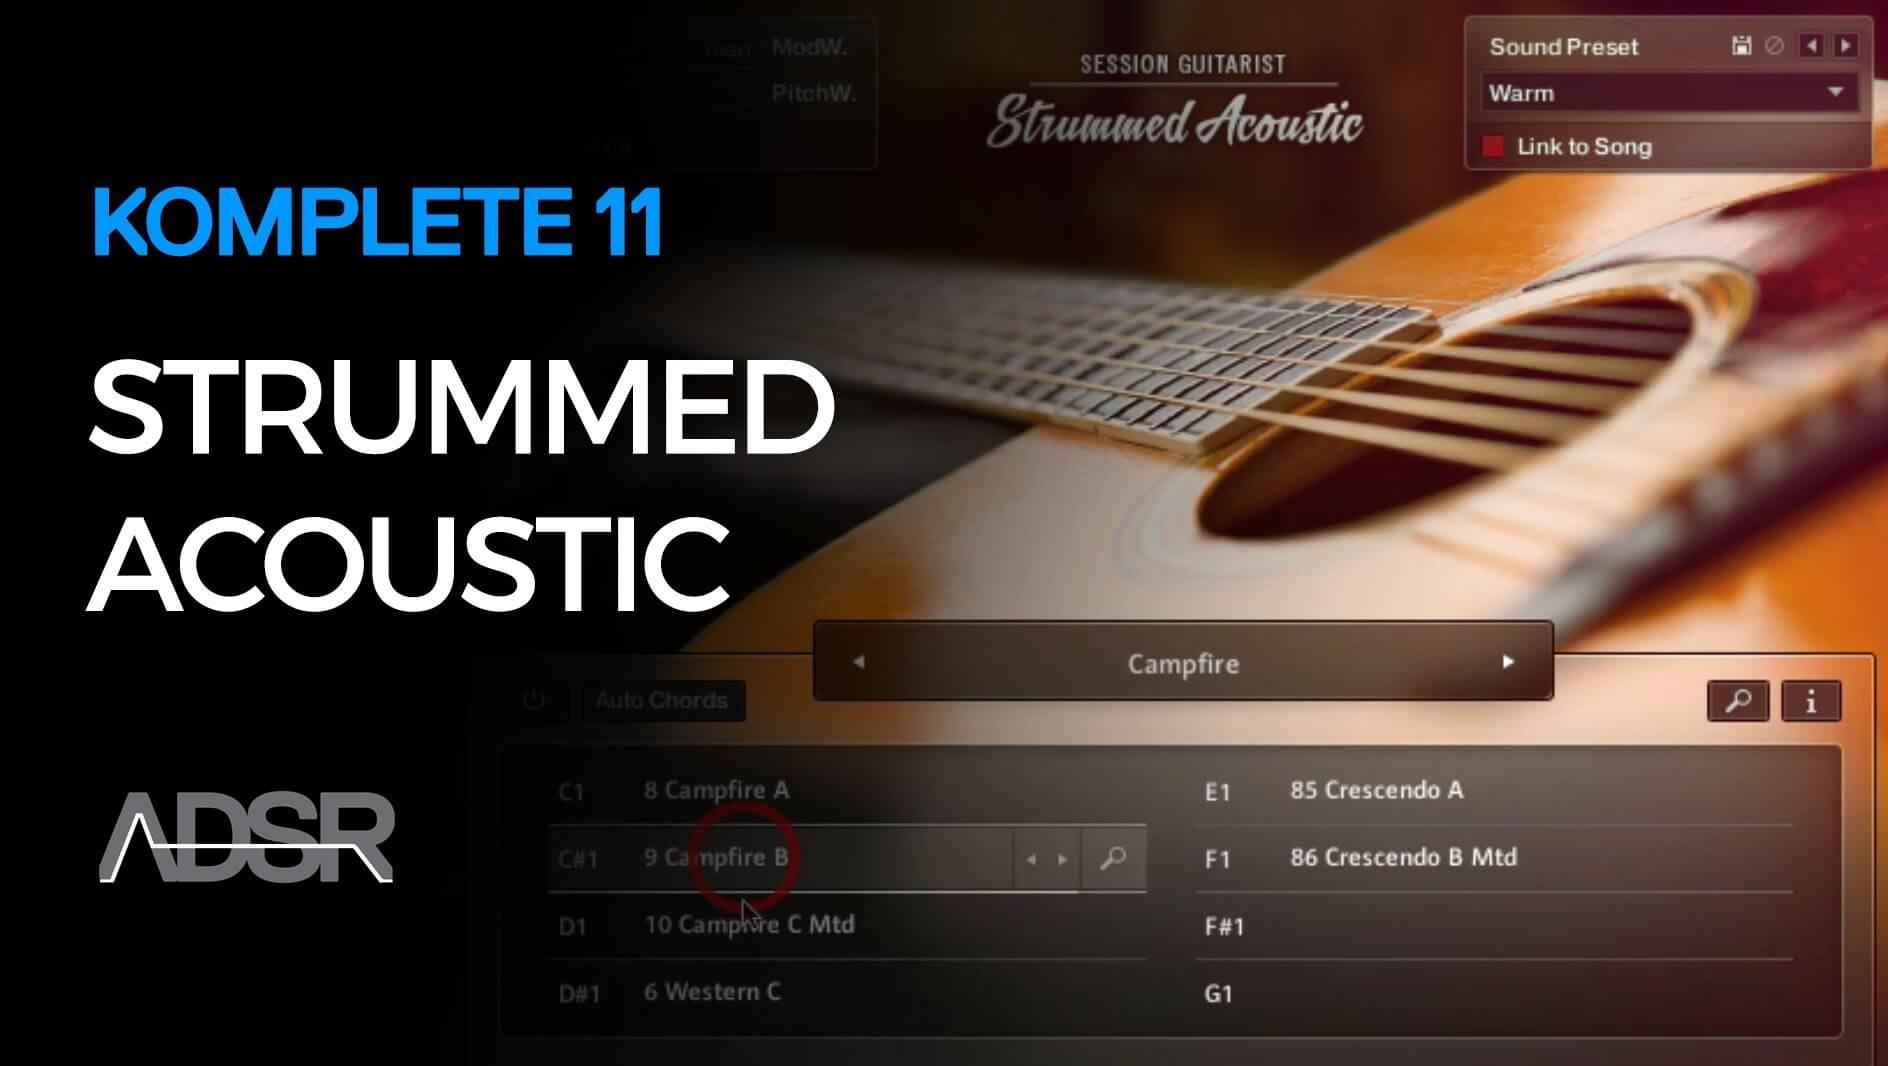 Strummed Acoustic - Komplete 11